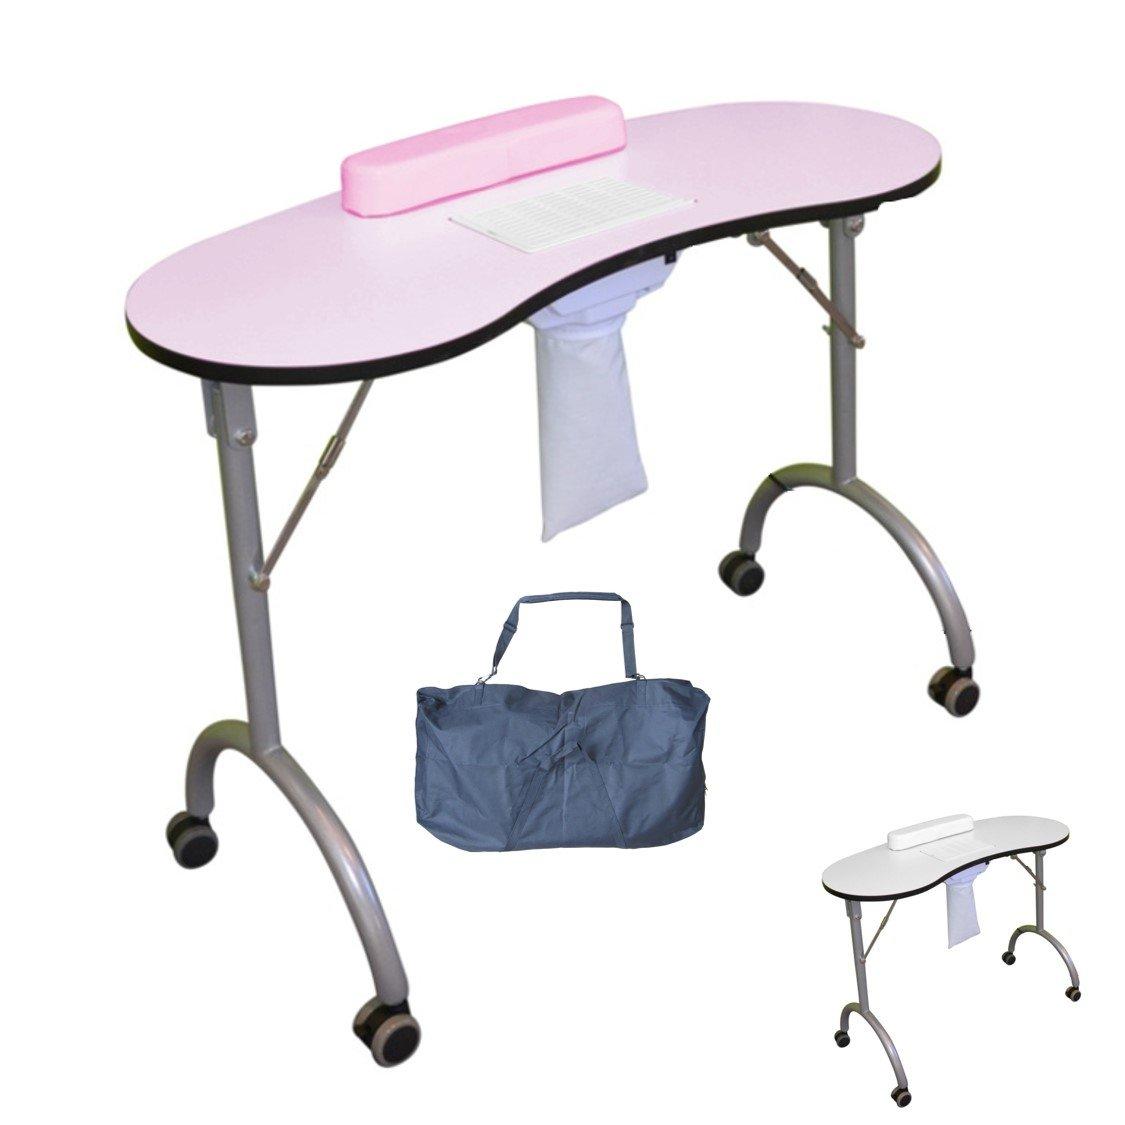 Polironeshop table de travail pliable pour manucure - reconstruction esthétique ongulaire et nail art avec aspirateur